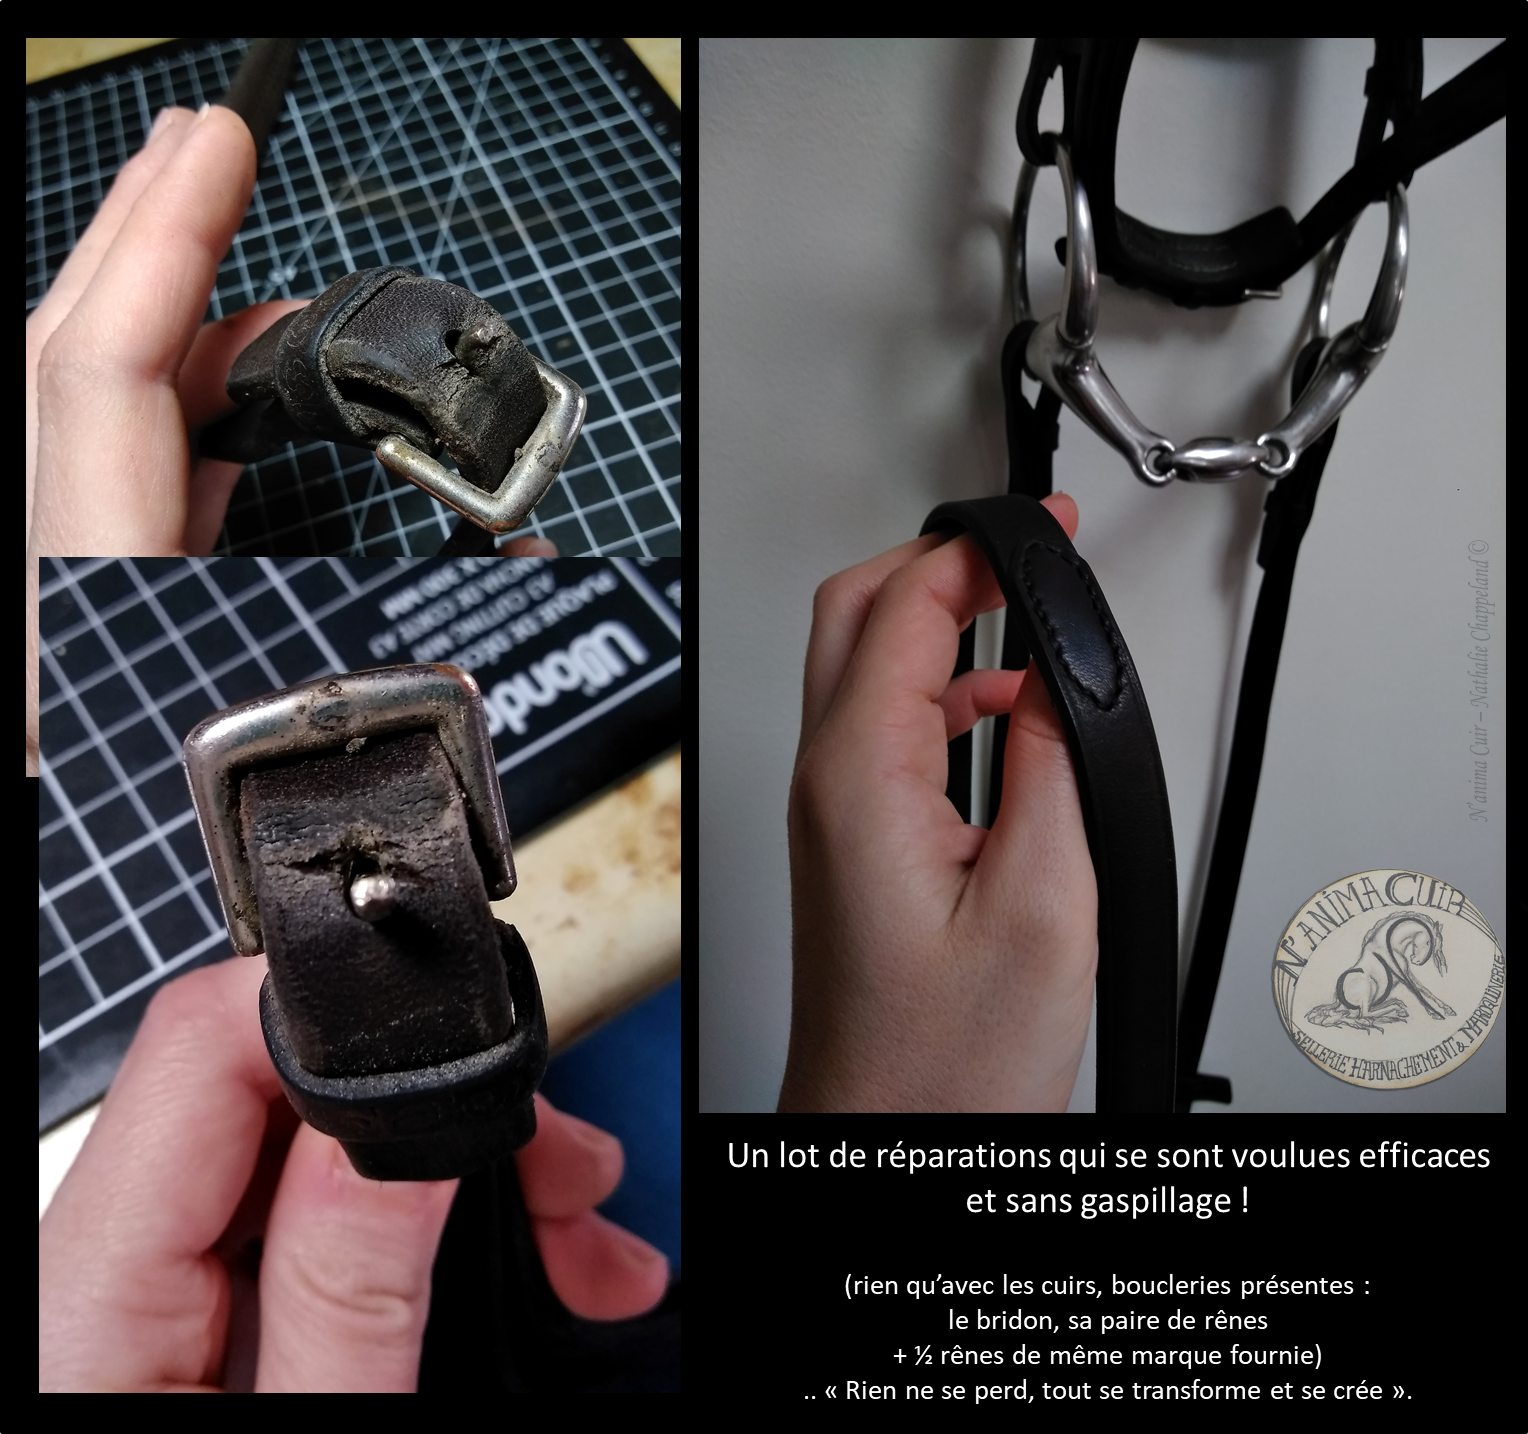 réparation / entretien N'anima Cuir © Une, ..puis plusieurs réparations (importantes et d'autres préventives), réalisées uniquement avec la matière présente (+ 1/2 rênes de même cuir et marque fournie)